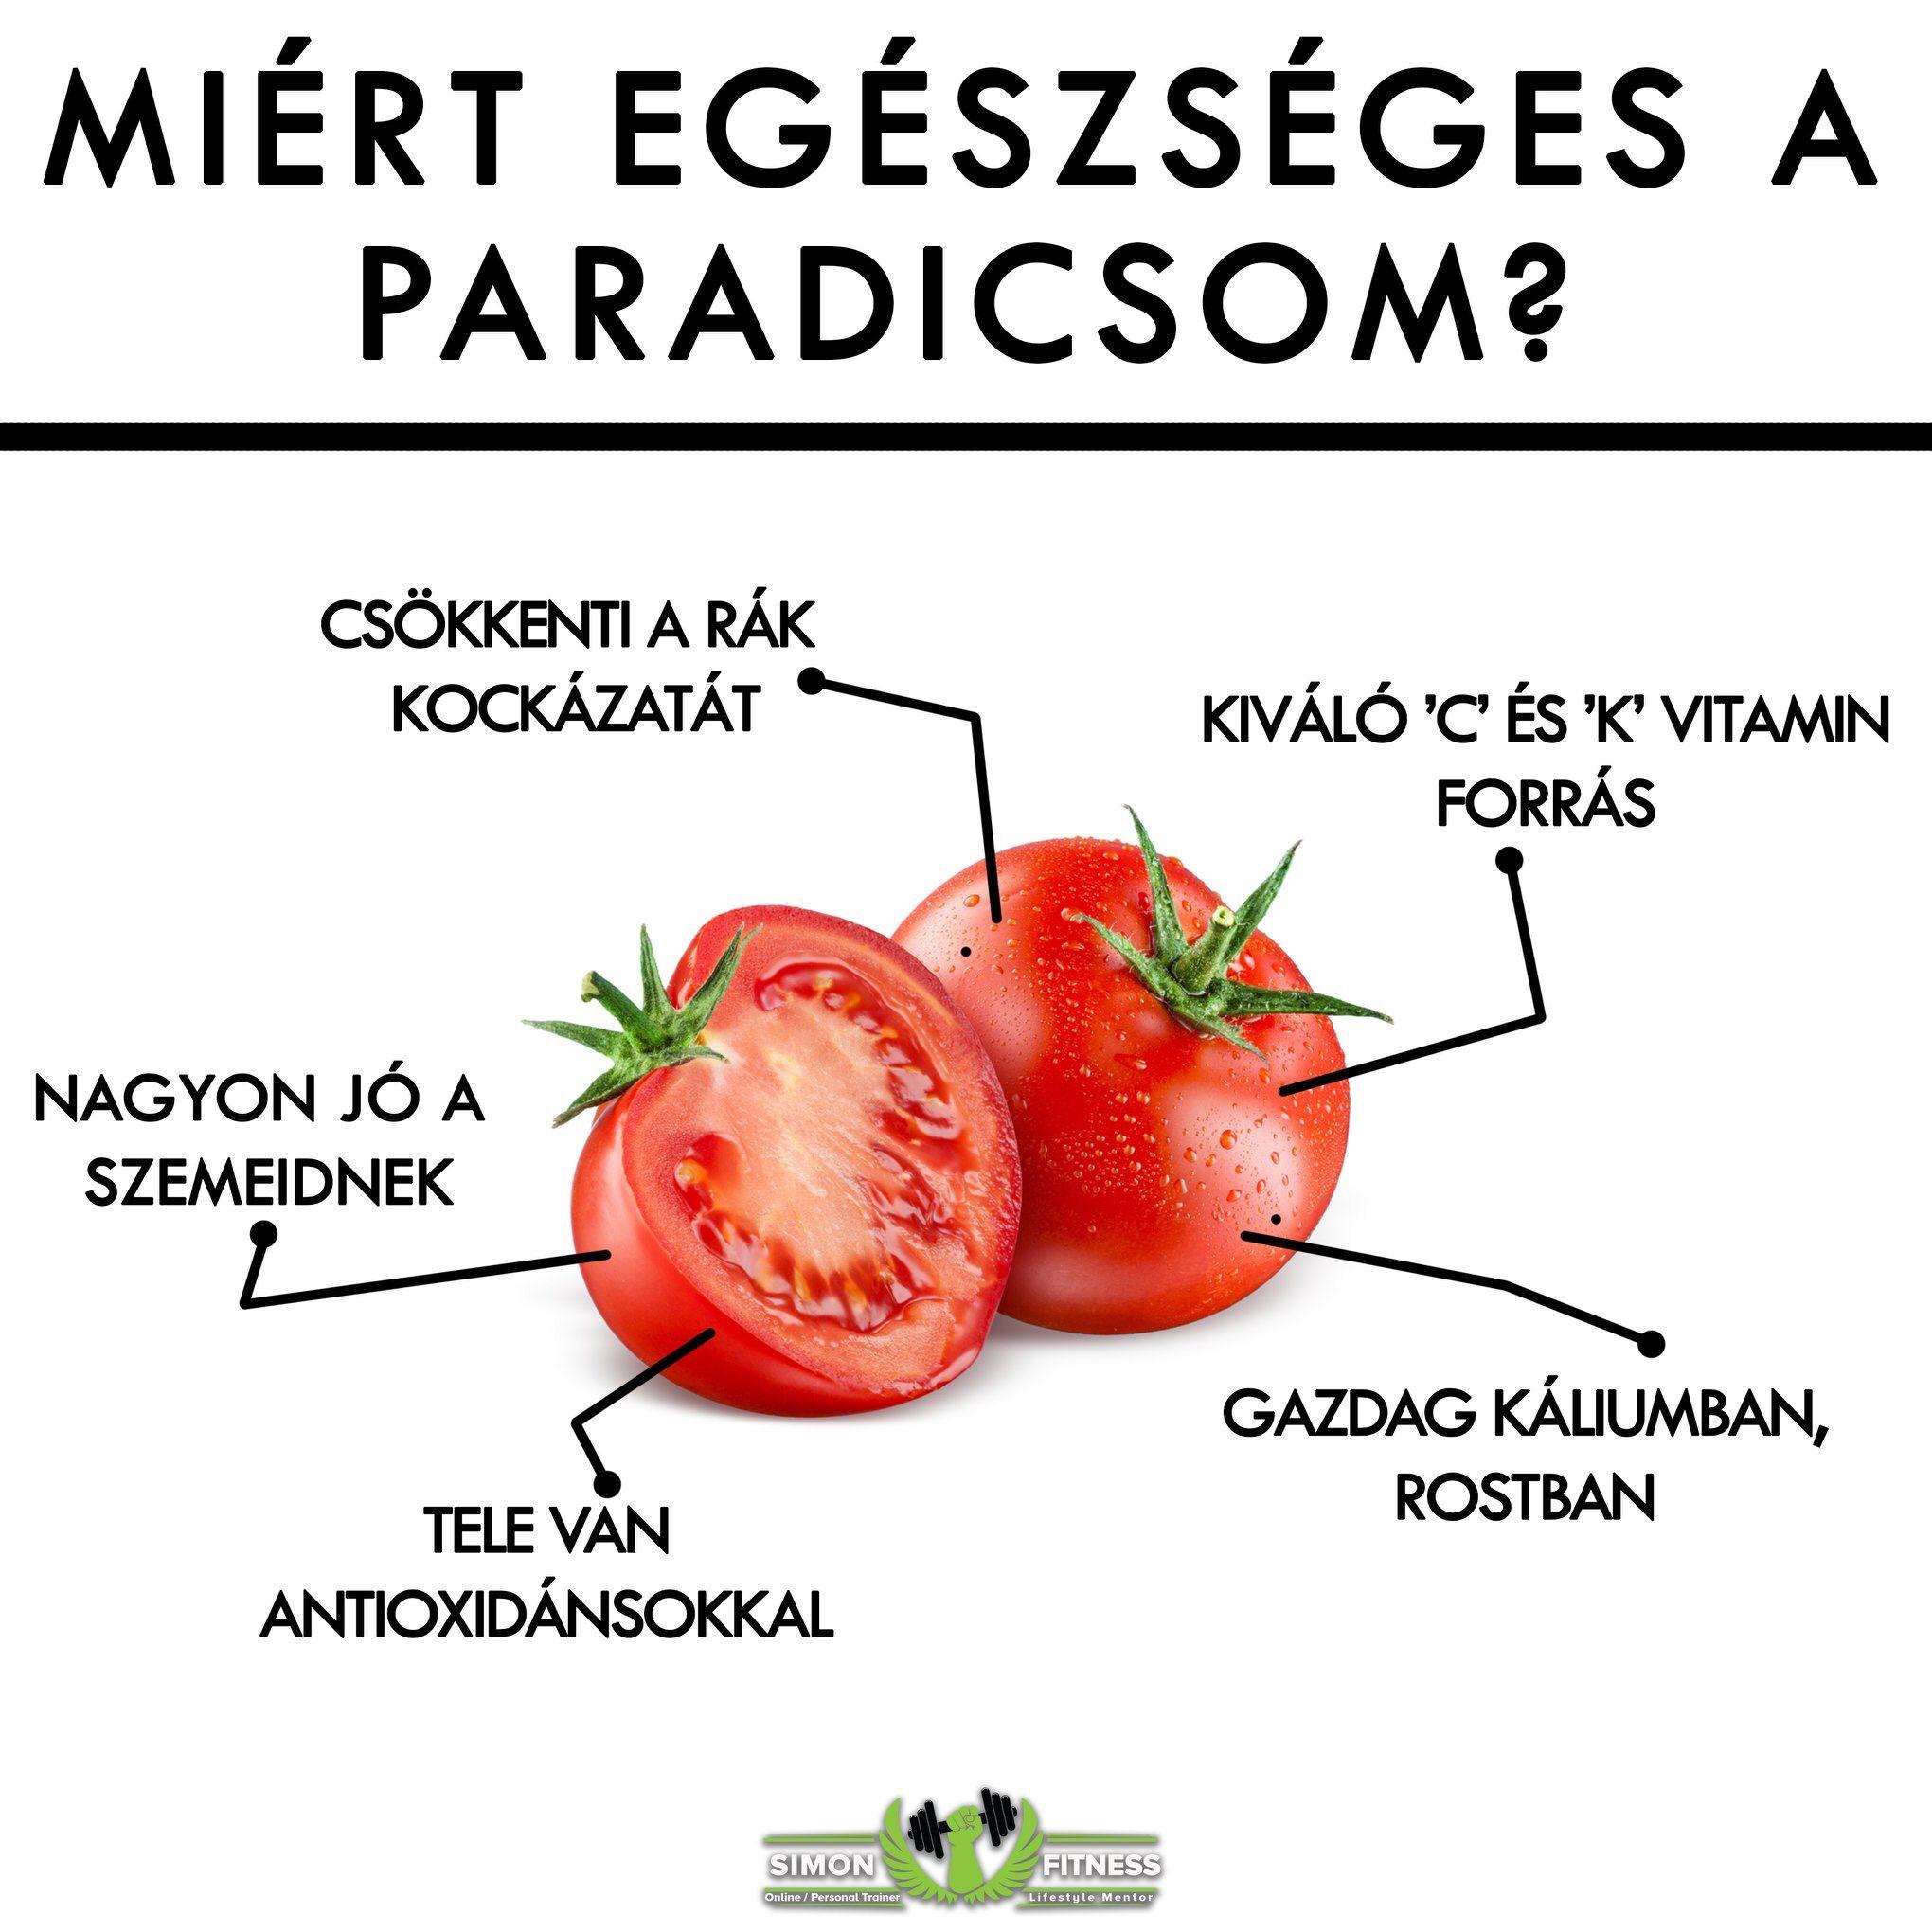 Paradicsom a fogyás: az előnyök és a kár. Lehetőség van arra, hogy a paradicsom enni fogyás közben?